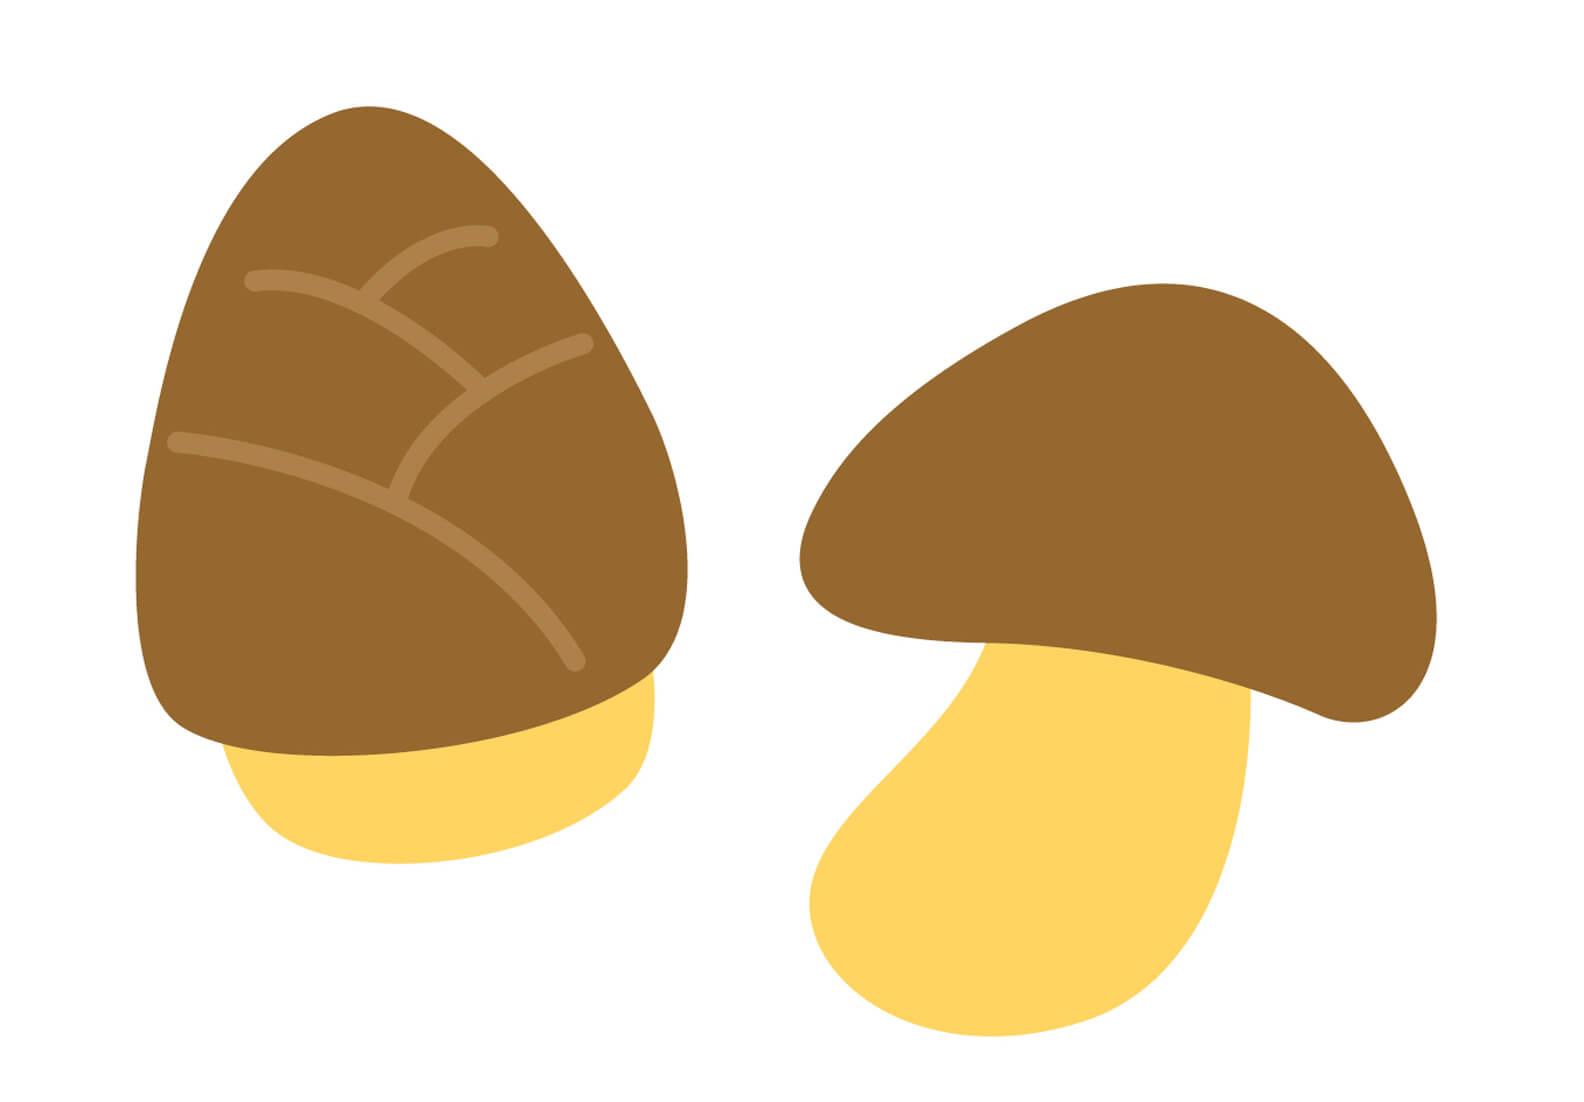 たけのこの里きのこの山のチョコを比較!世代間の売り上げに影響?